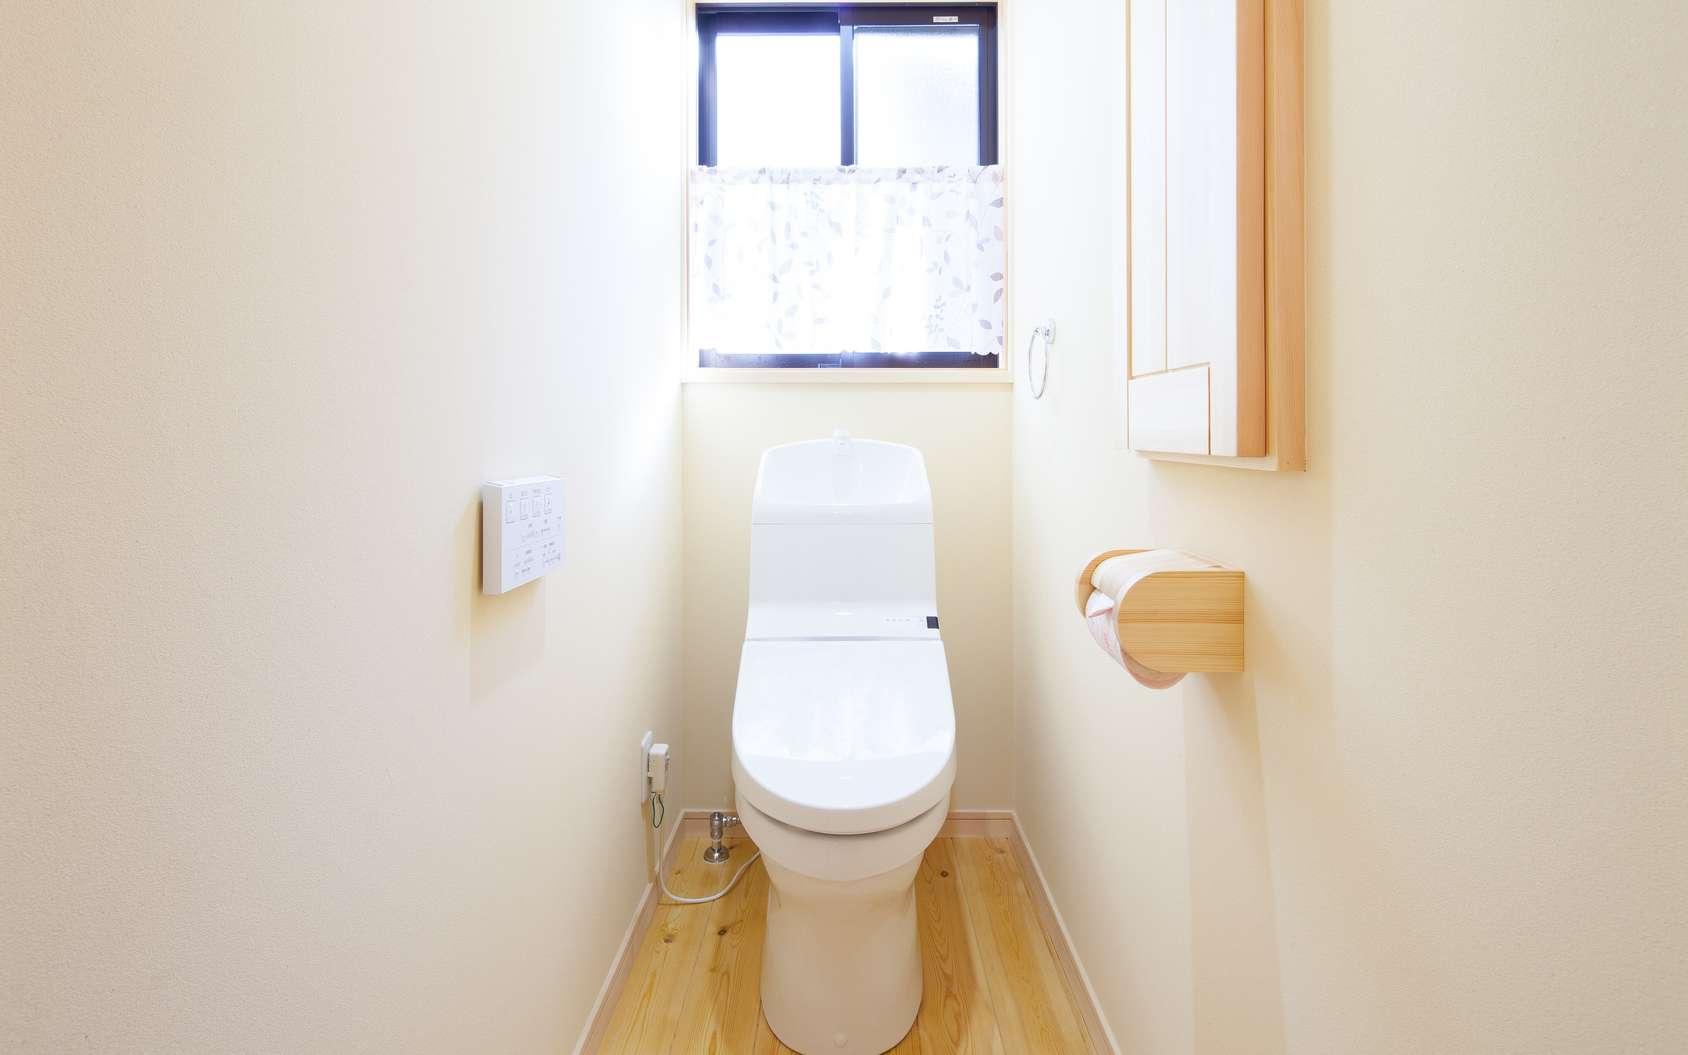 Une constipation est accompagnée d'une sensation d'inconfort au niveau de l'abdomen, de crampes et de ballonnements. © maru54, fotolia